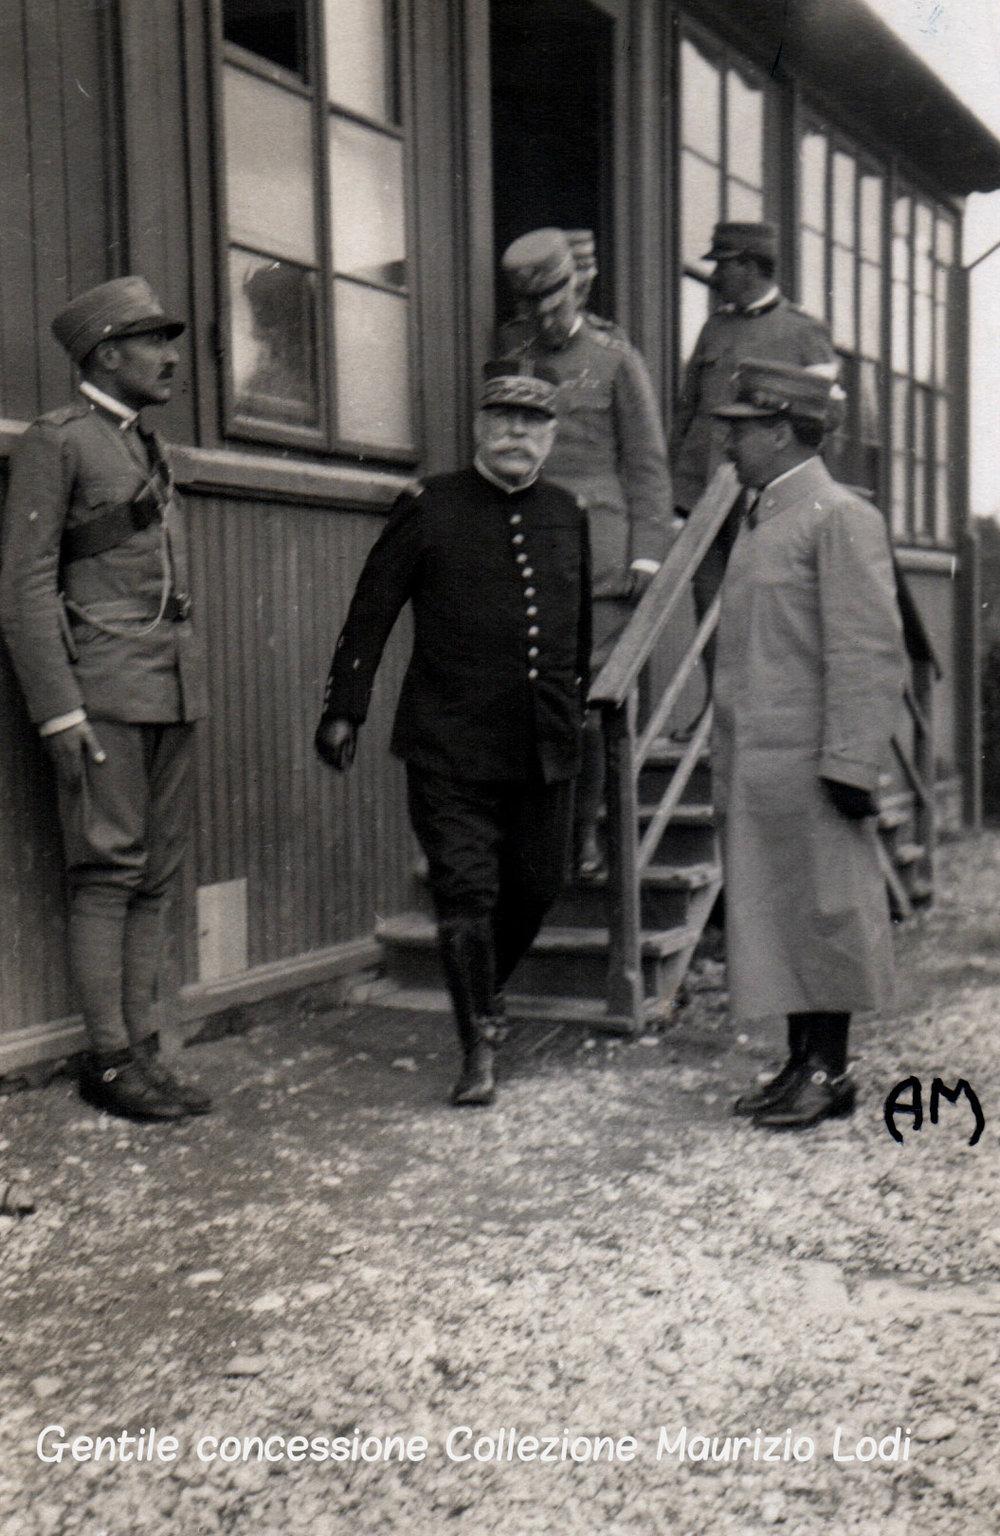 Visita del Gen. Joffre sul fronte italiano accompagnato dal Duca Aosta 6 settembre 1915 (c).jpg